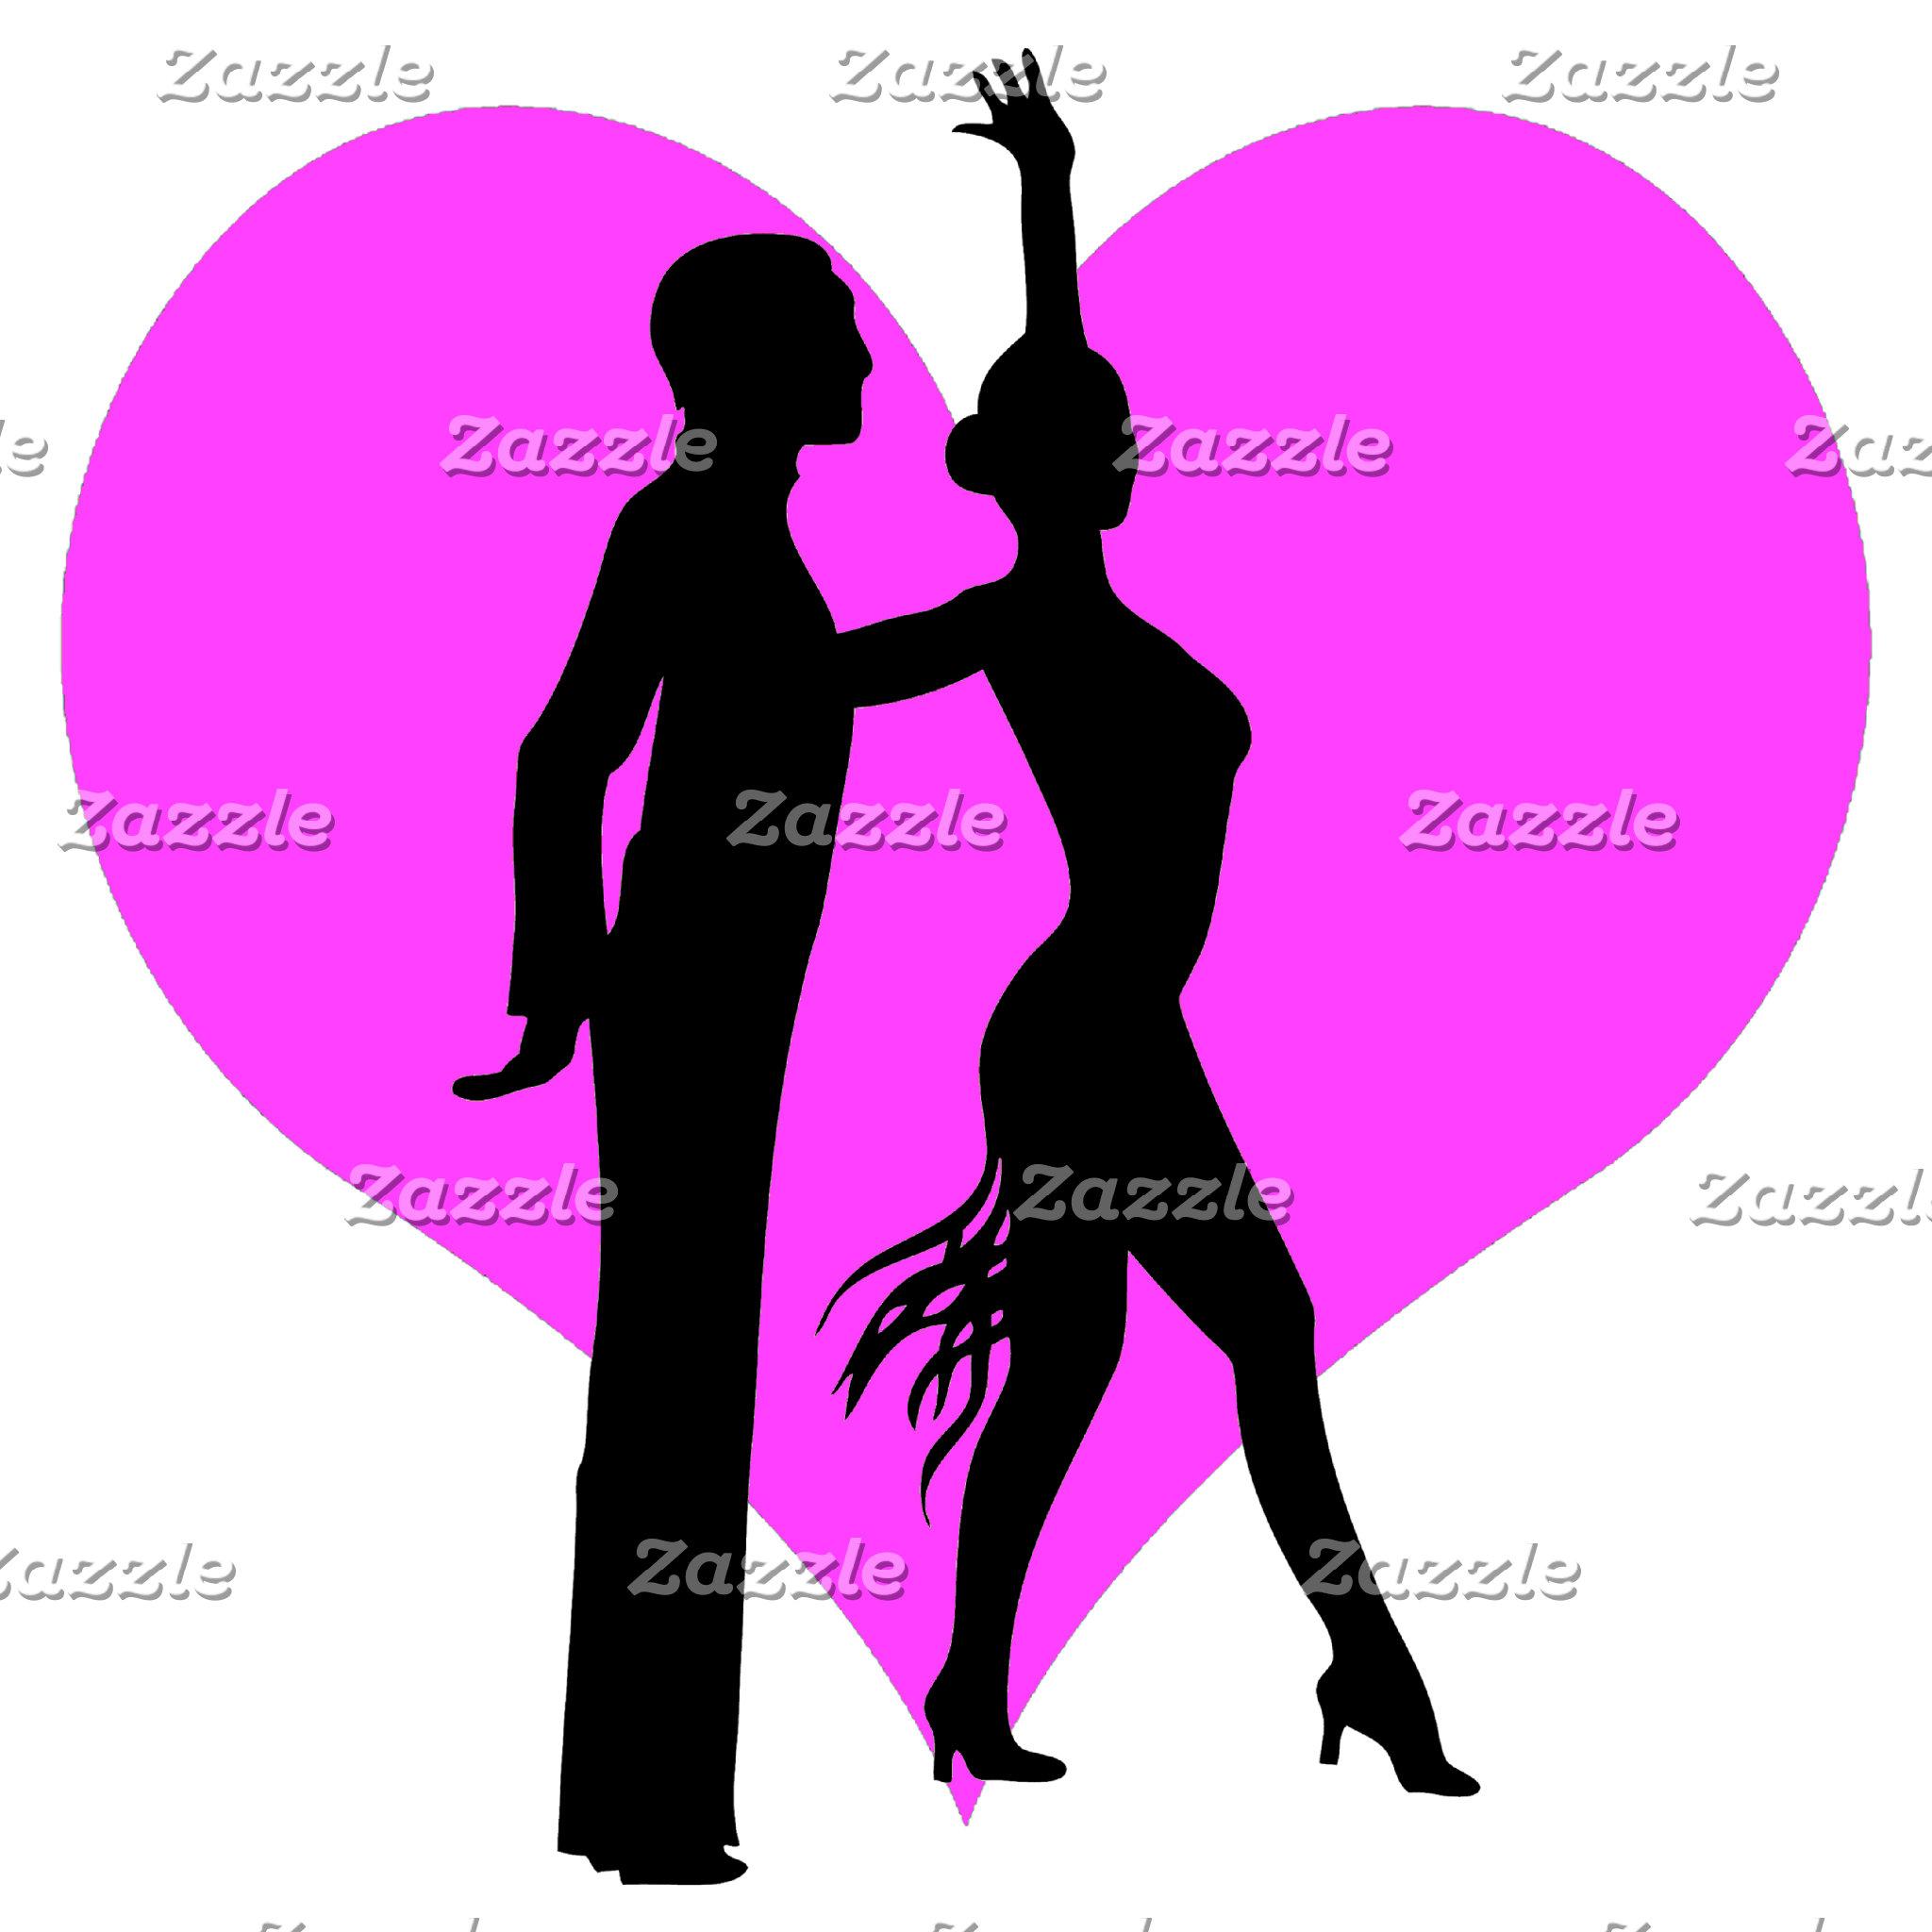 heart dancers 2